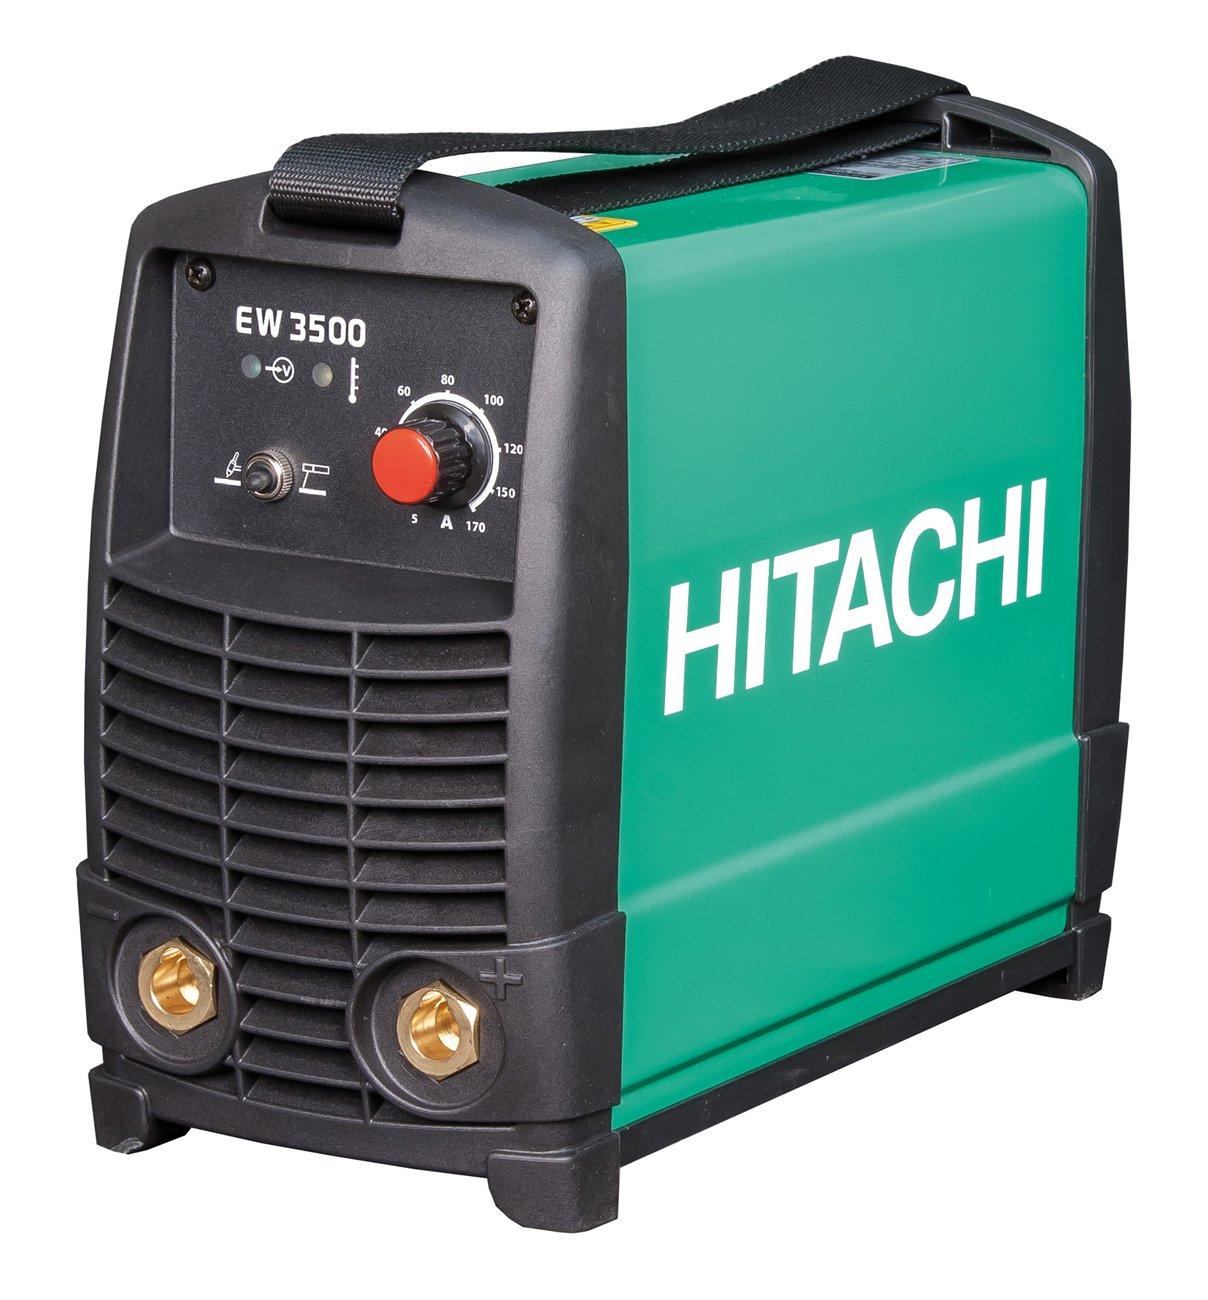 Hitachi EW3500 Saldatrice ad Inverter, 160 A: Amazon.es: Bricolaje y ...